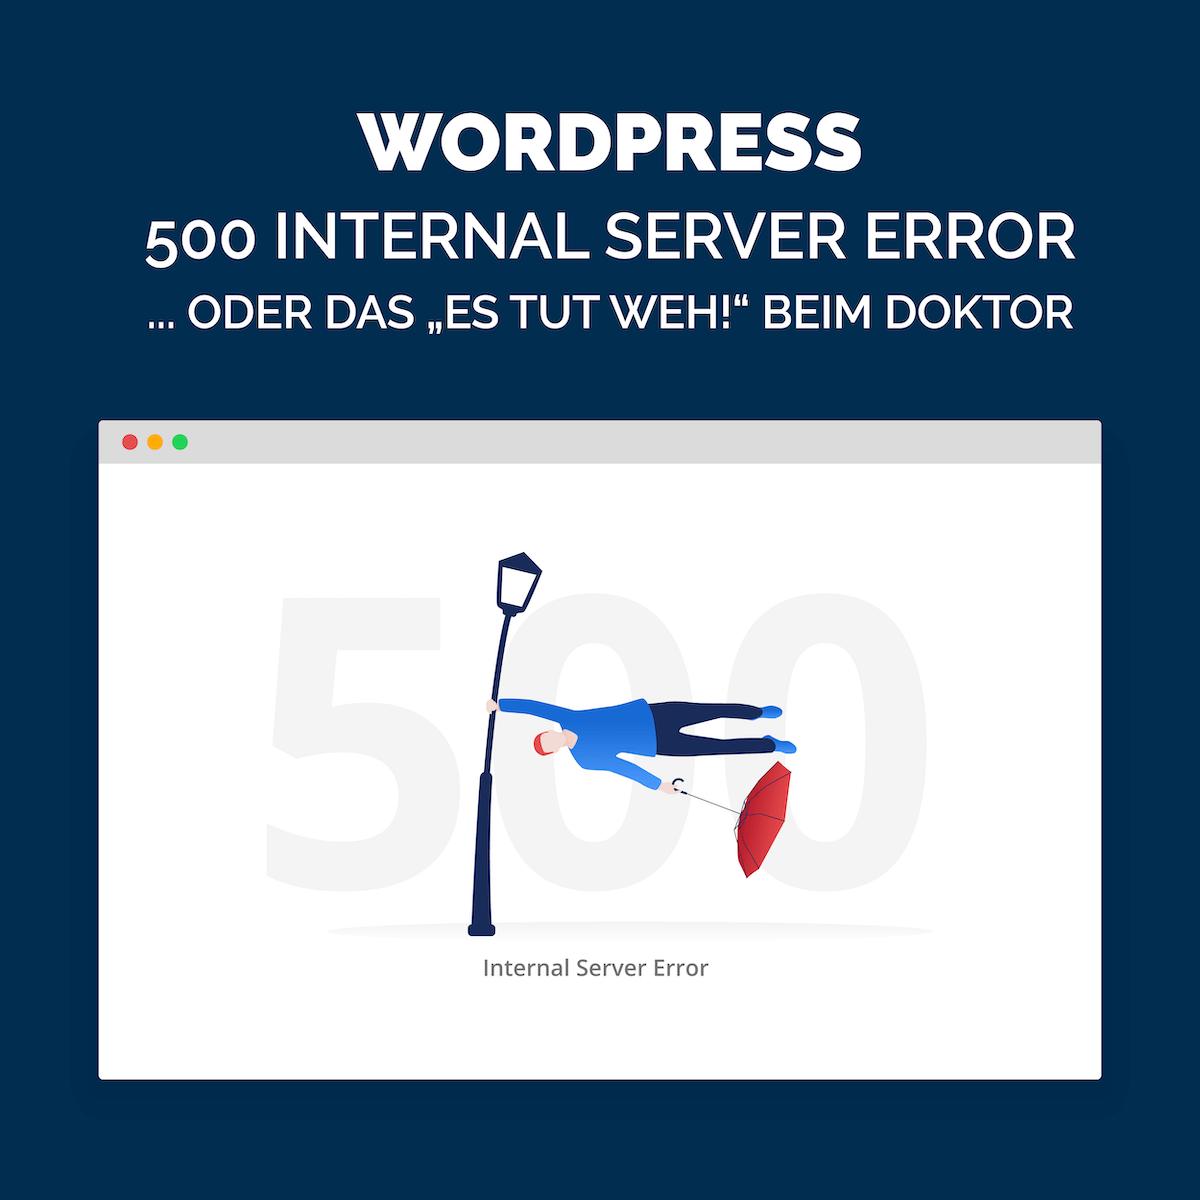 geschmacksRaum_WERBEAGENTUR_WordPress_500_Internal_Server_Error-oder_das_Es_tut_weh_beim_Doktor-t